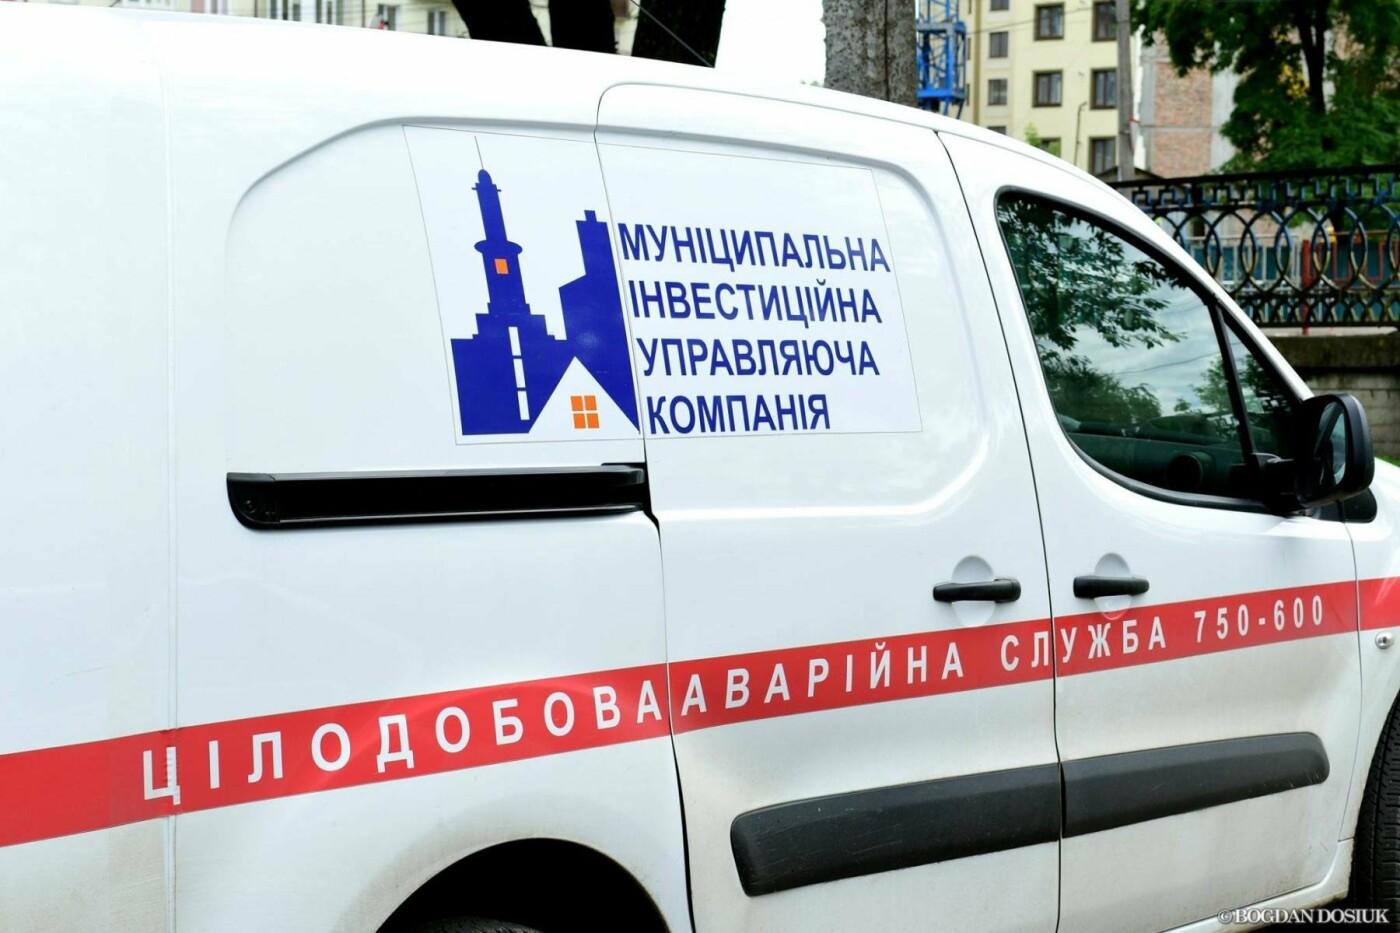 МІУК закупила нові службові авто. ФОТО, фото-5